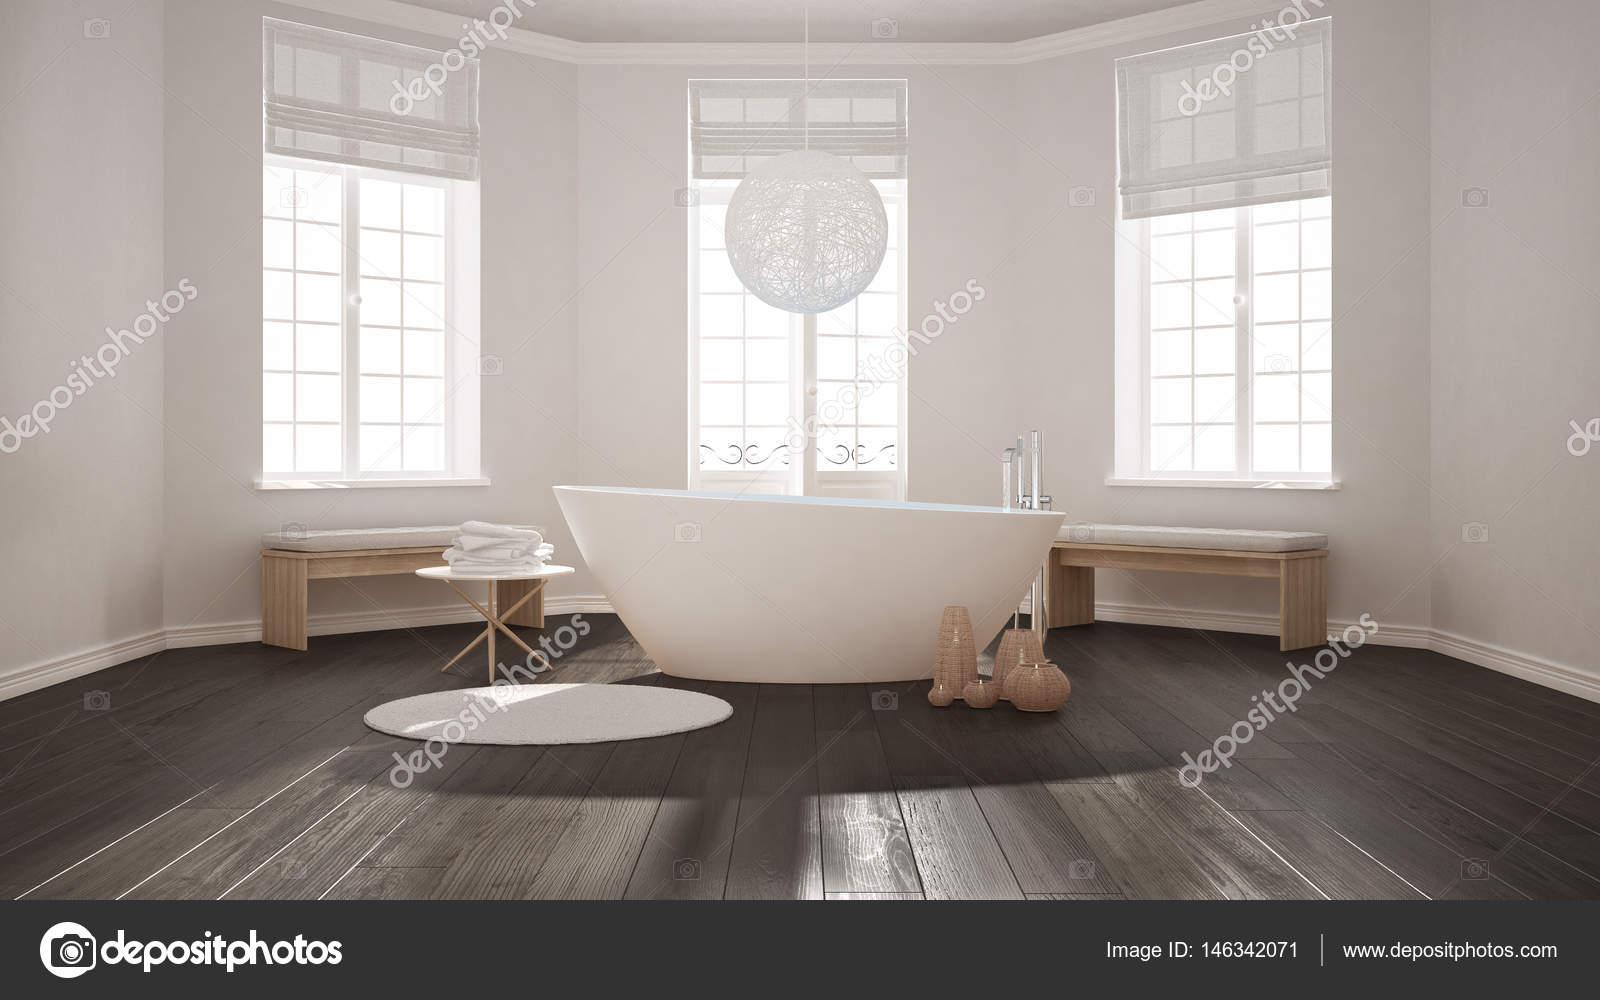 Entzuckend Zen Klassische Spa Badezimmer Mit Badewanne, Minimalistischen  Skandinavischen Interieur Design U2014 Foto Von ArchiVIz